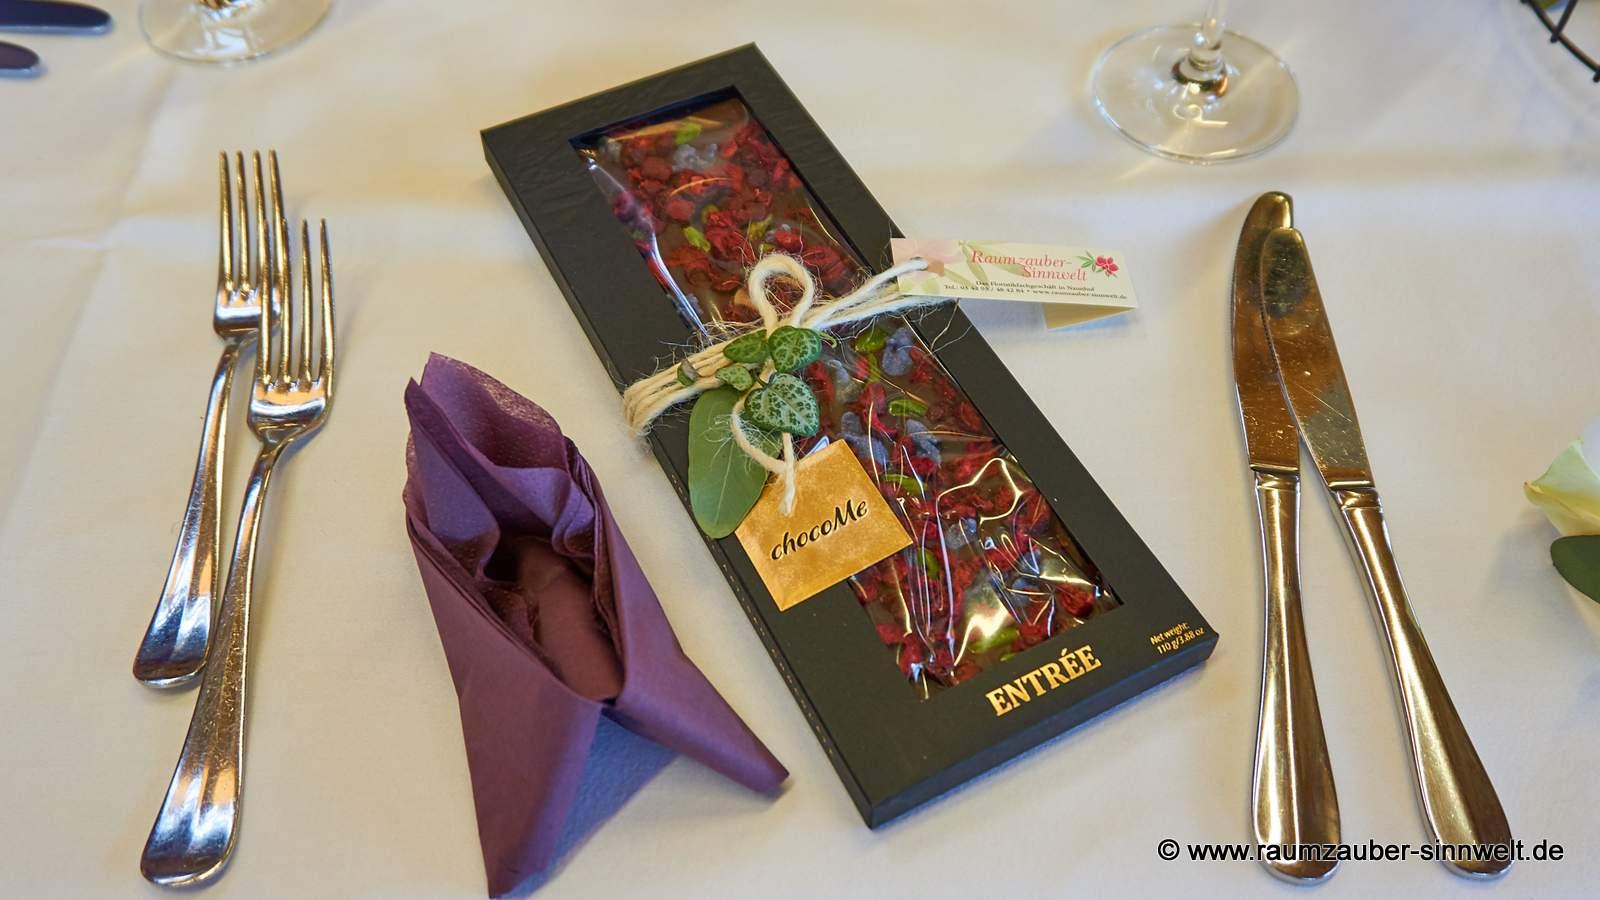 Schokolade von chocoMe als Gastgeschenk